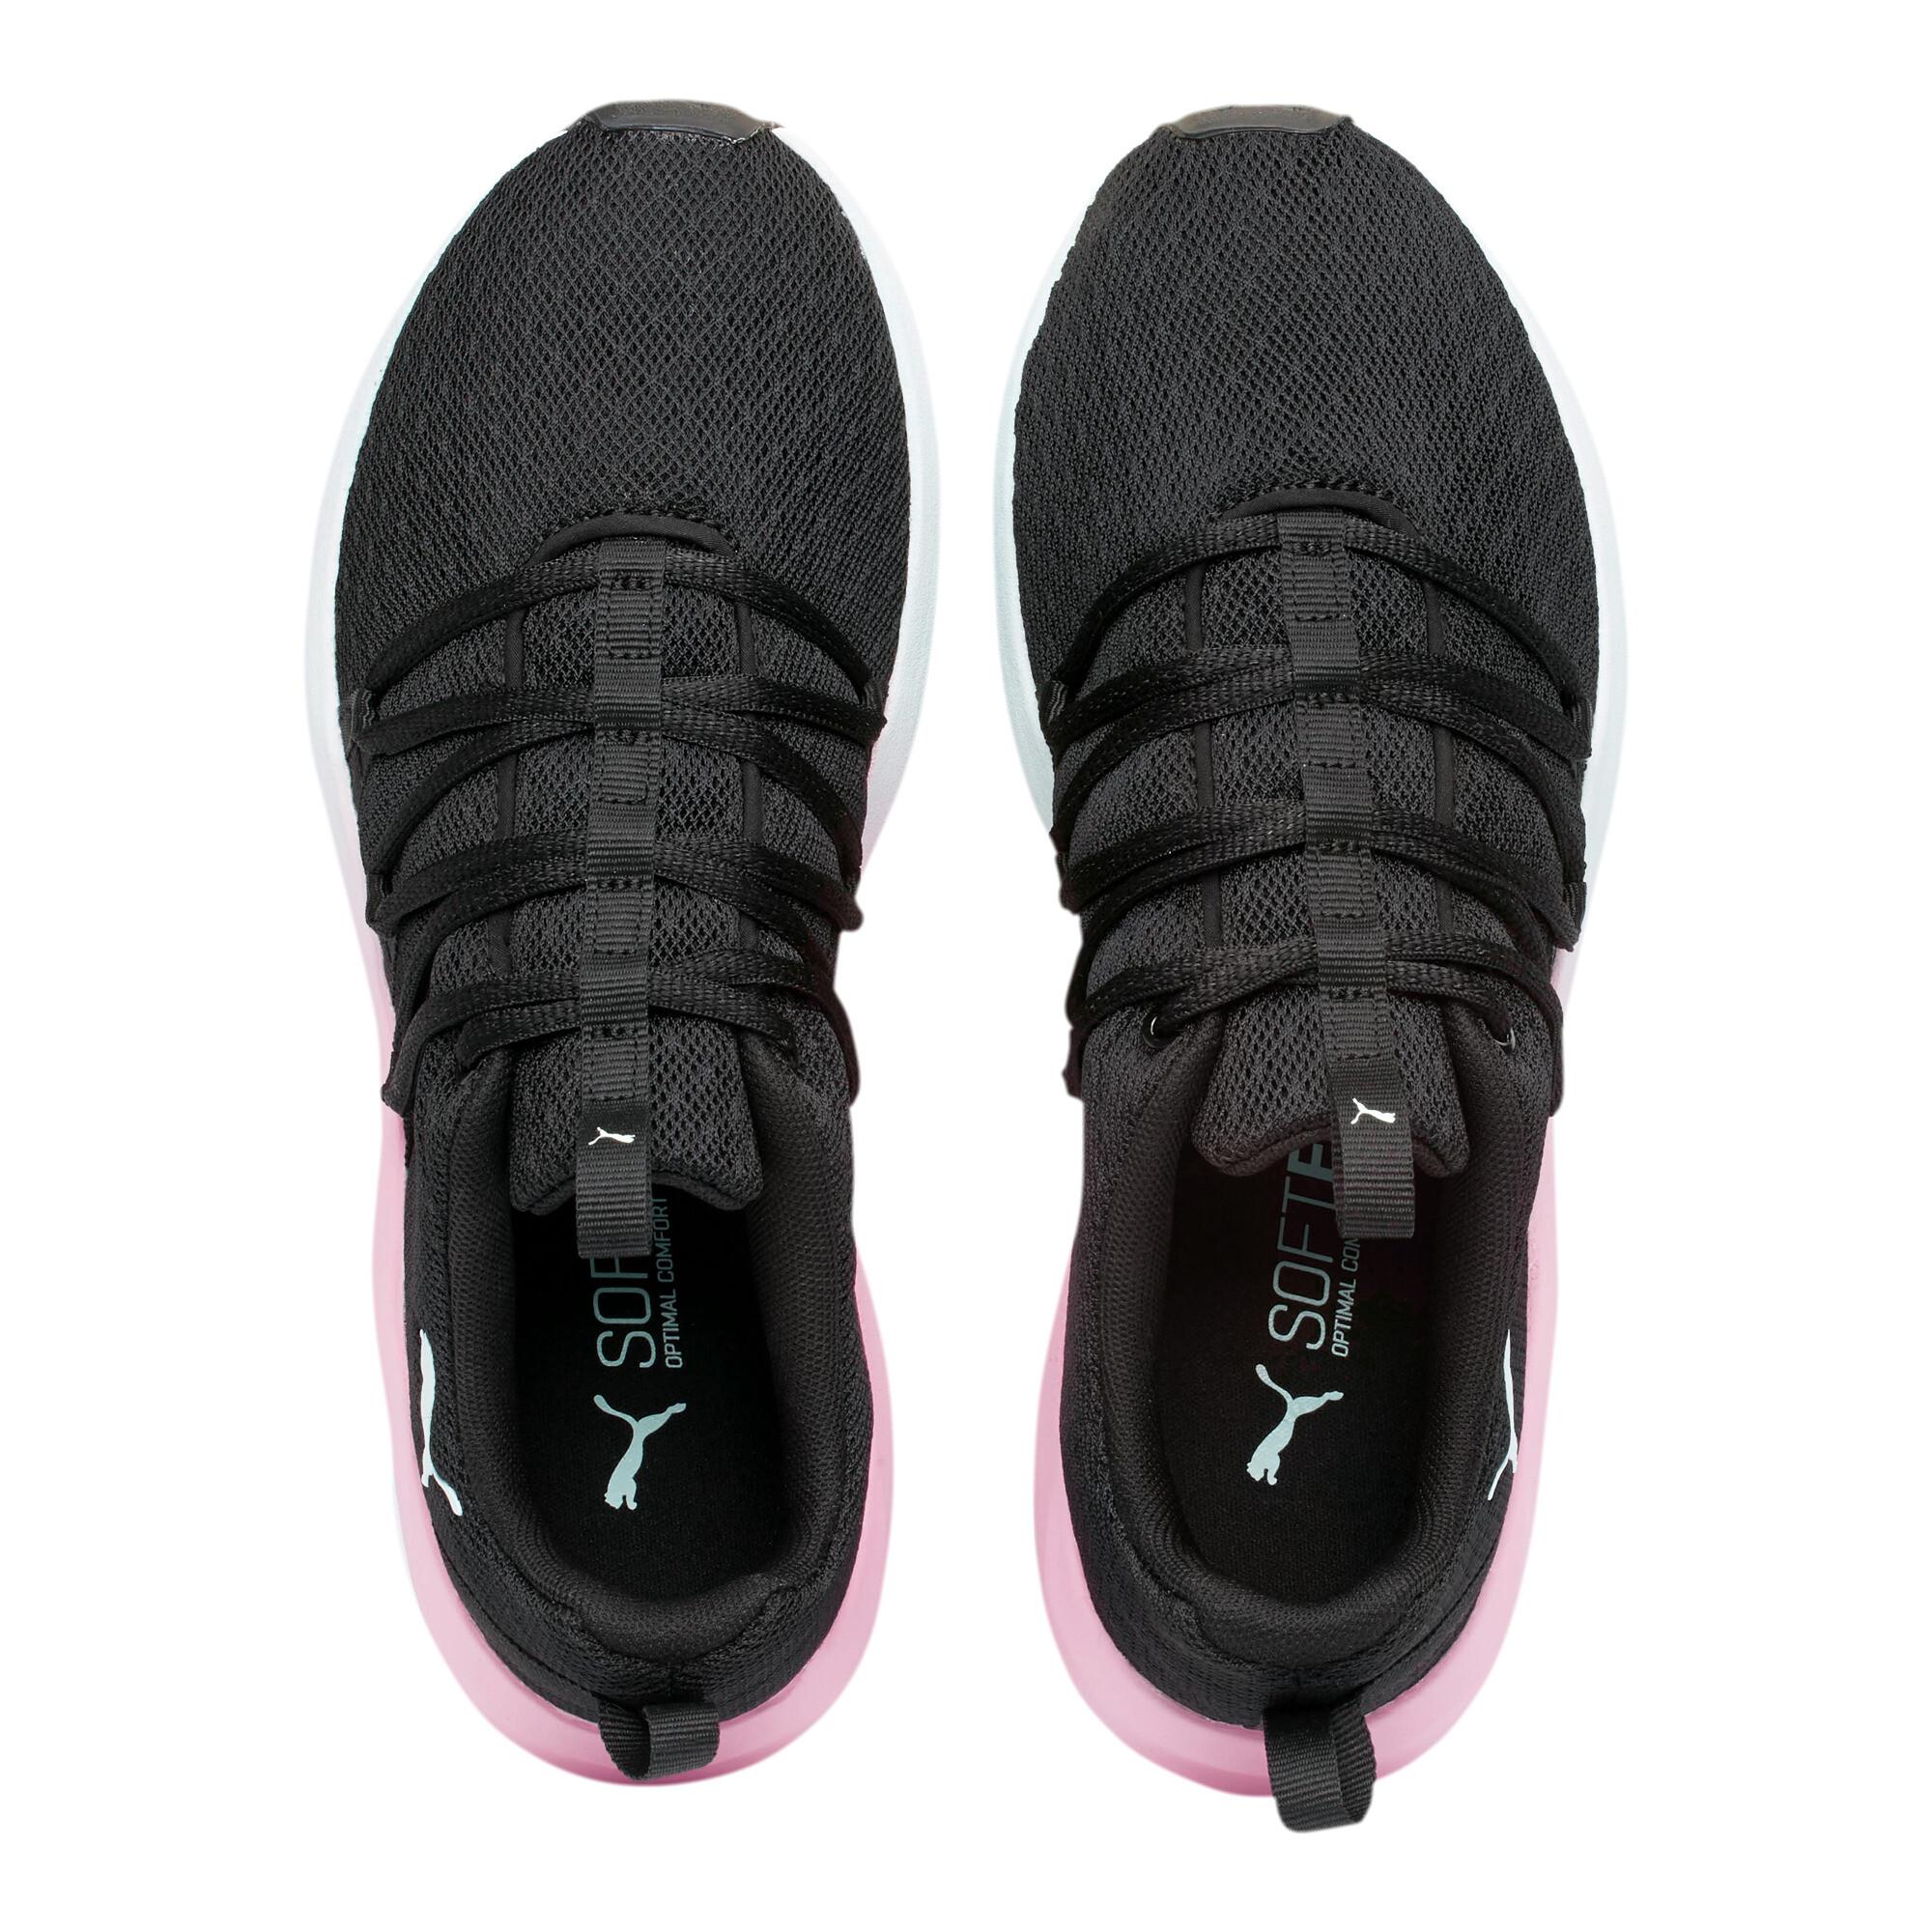 PUMA-Prowl-Alt-Fade-Women-s-Training-Shoes-Women-Shoe-Training thumbnail 17